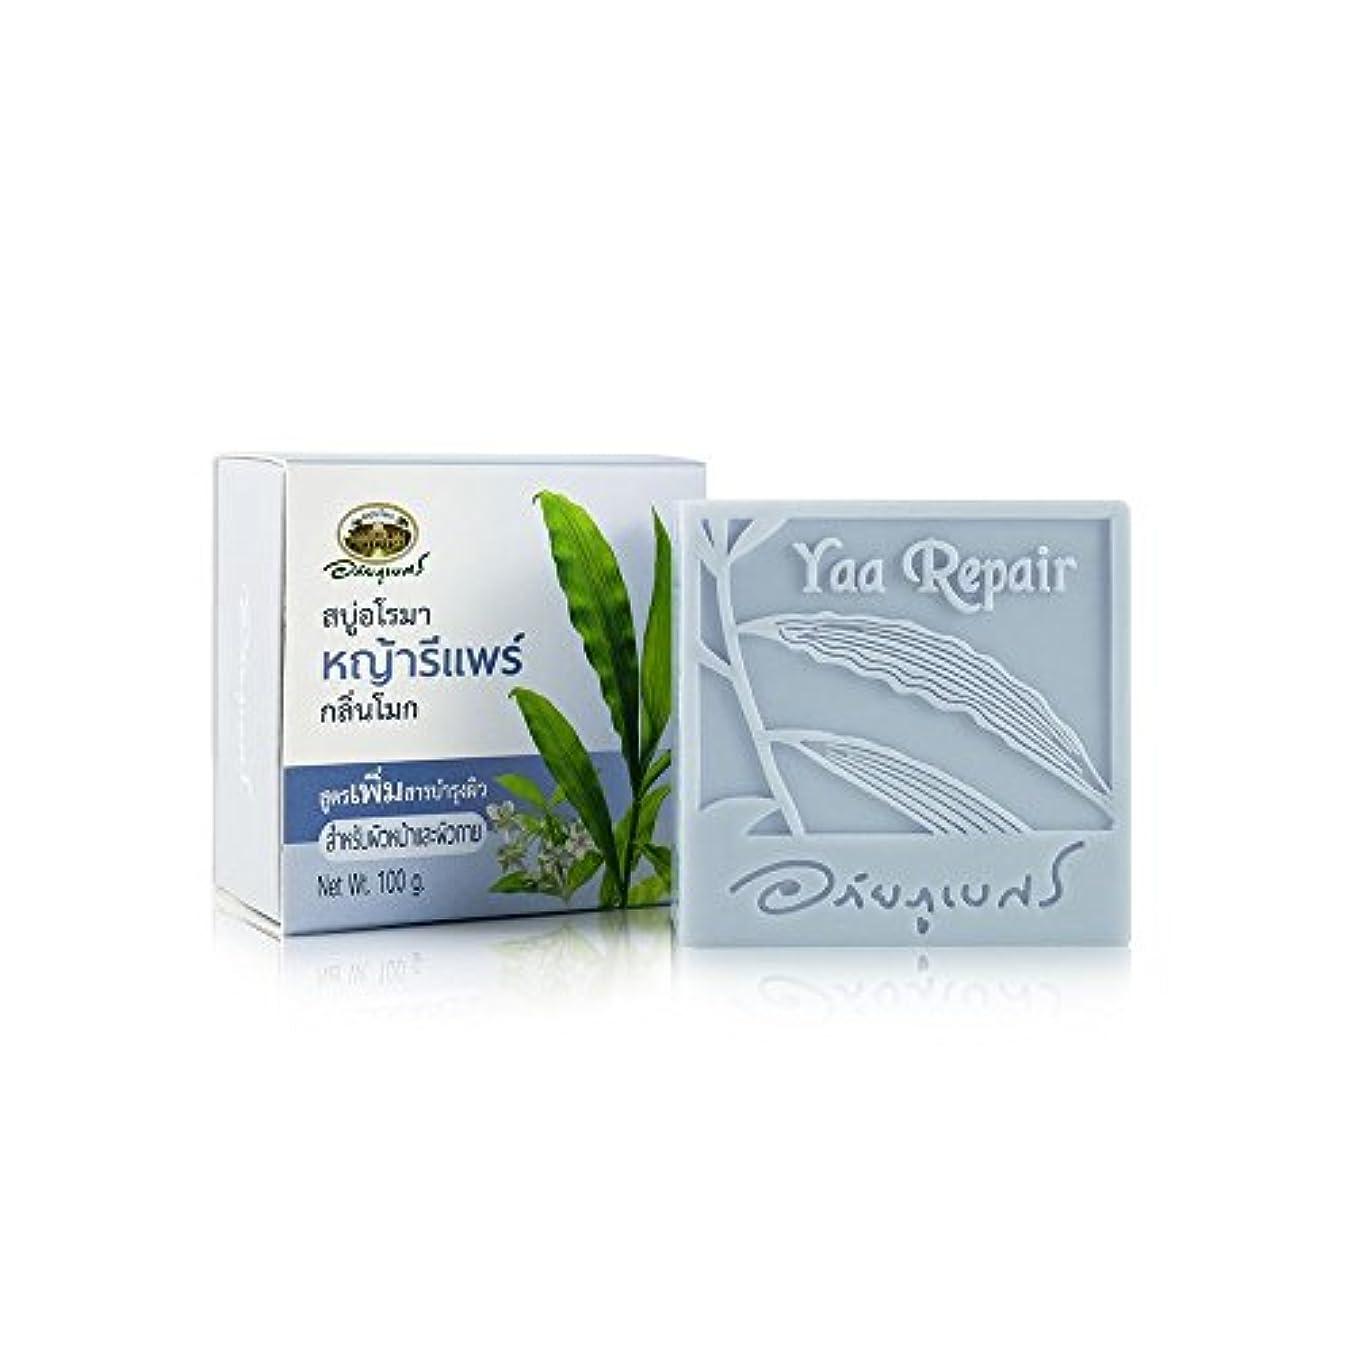 平日育成球状Abhaibhubejhr Thai Aromatherapy With Moke Flower Skin Care Formula Herbal Body Face Cleaning Soap 100g. Abhaibhubejhr...